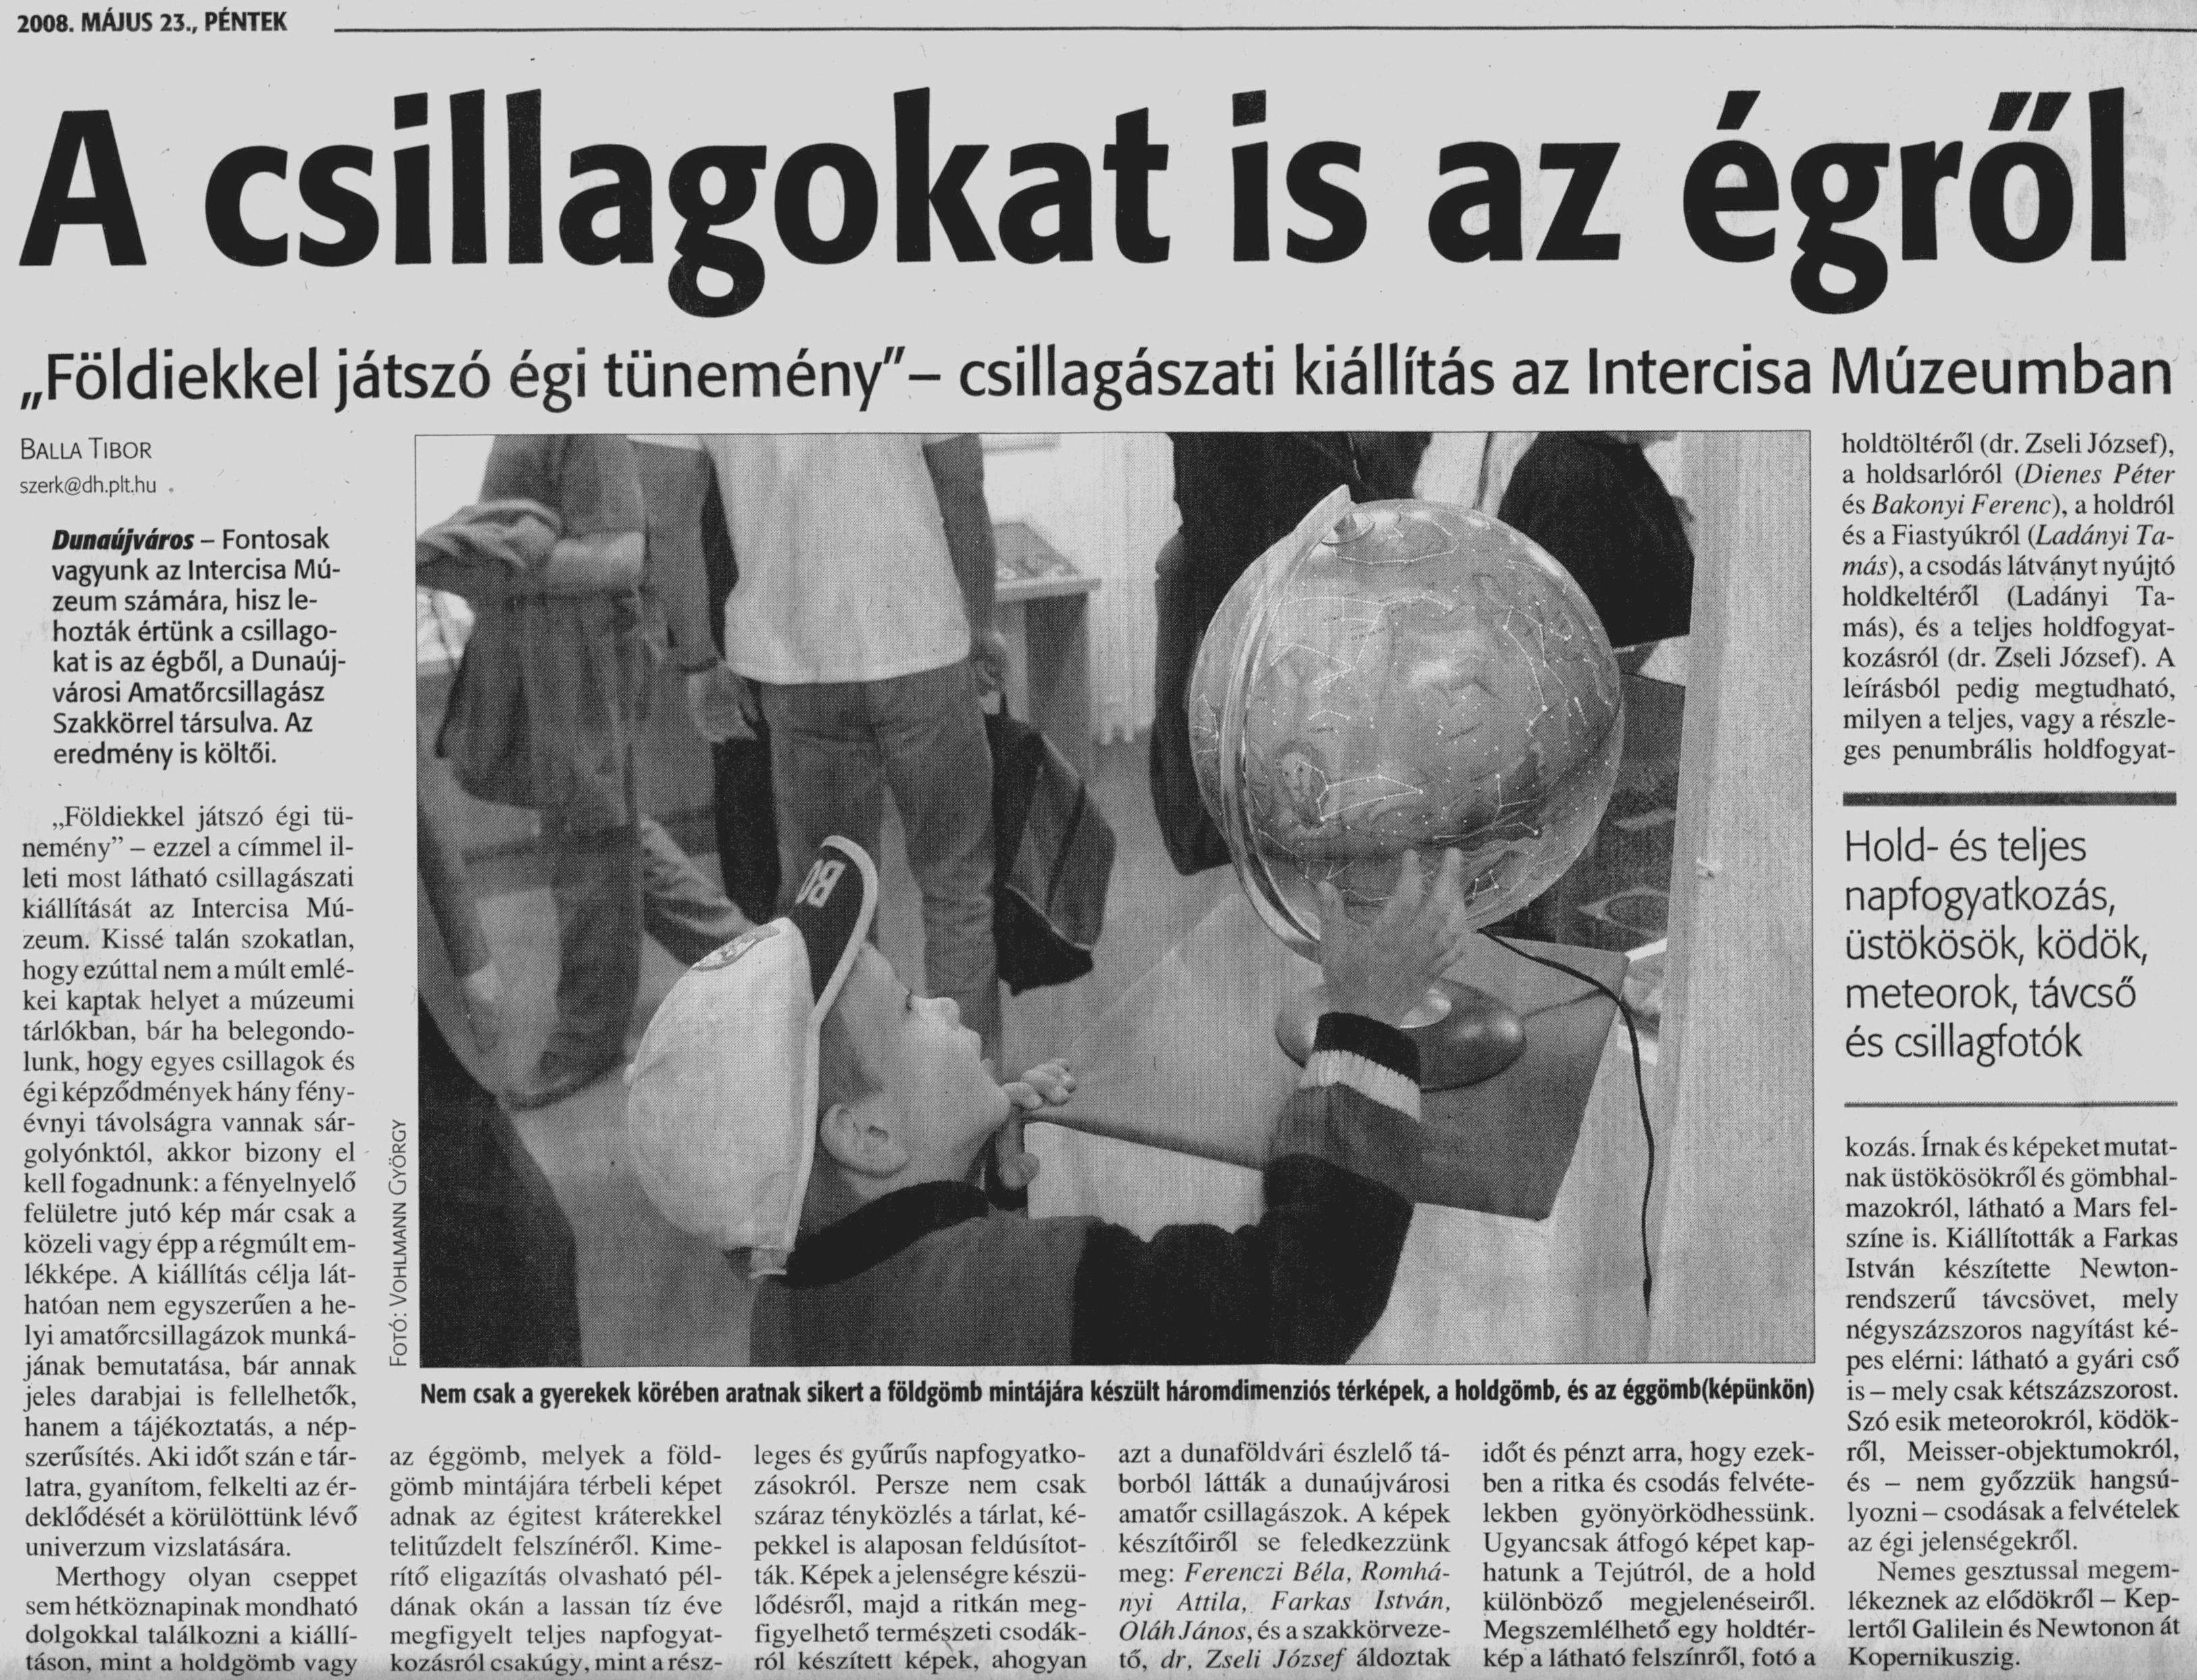 Balla Tibor, Dunaújvárosi Hírlap cikke